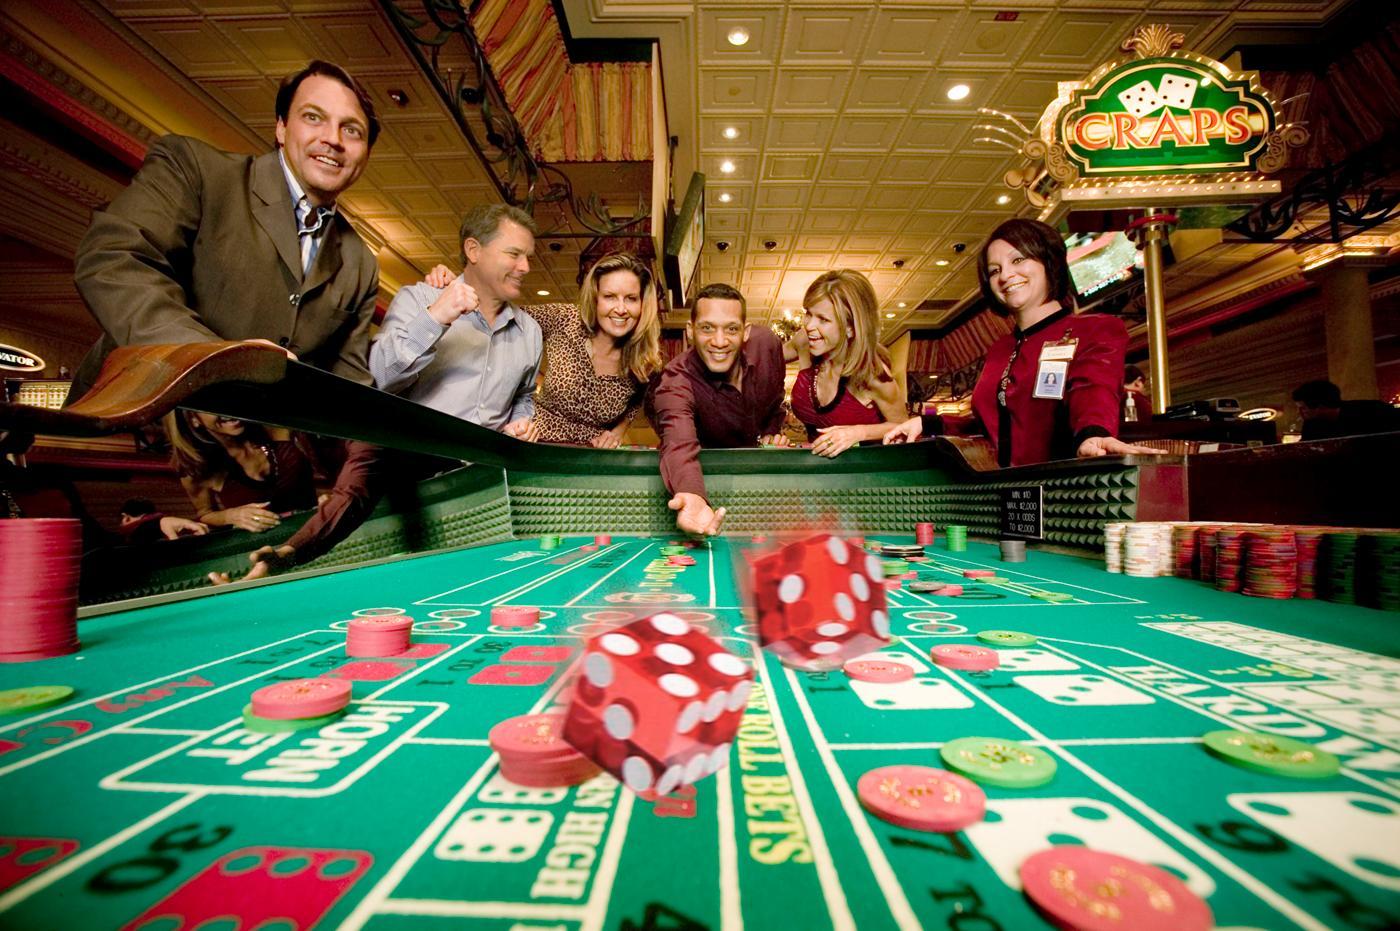 Jeux casino: pourquoi jouer sur son téléphone mobile?